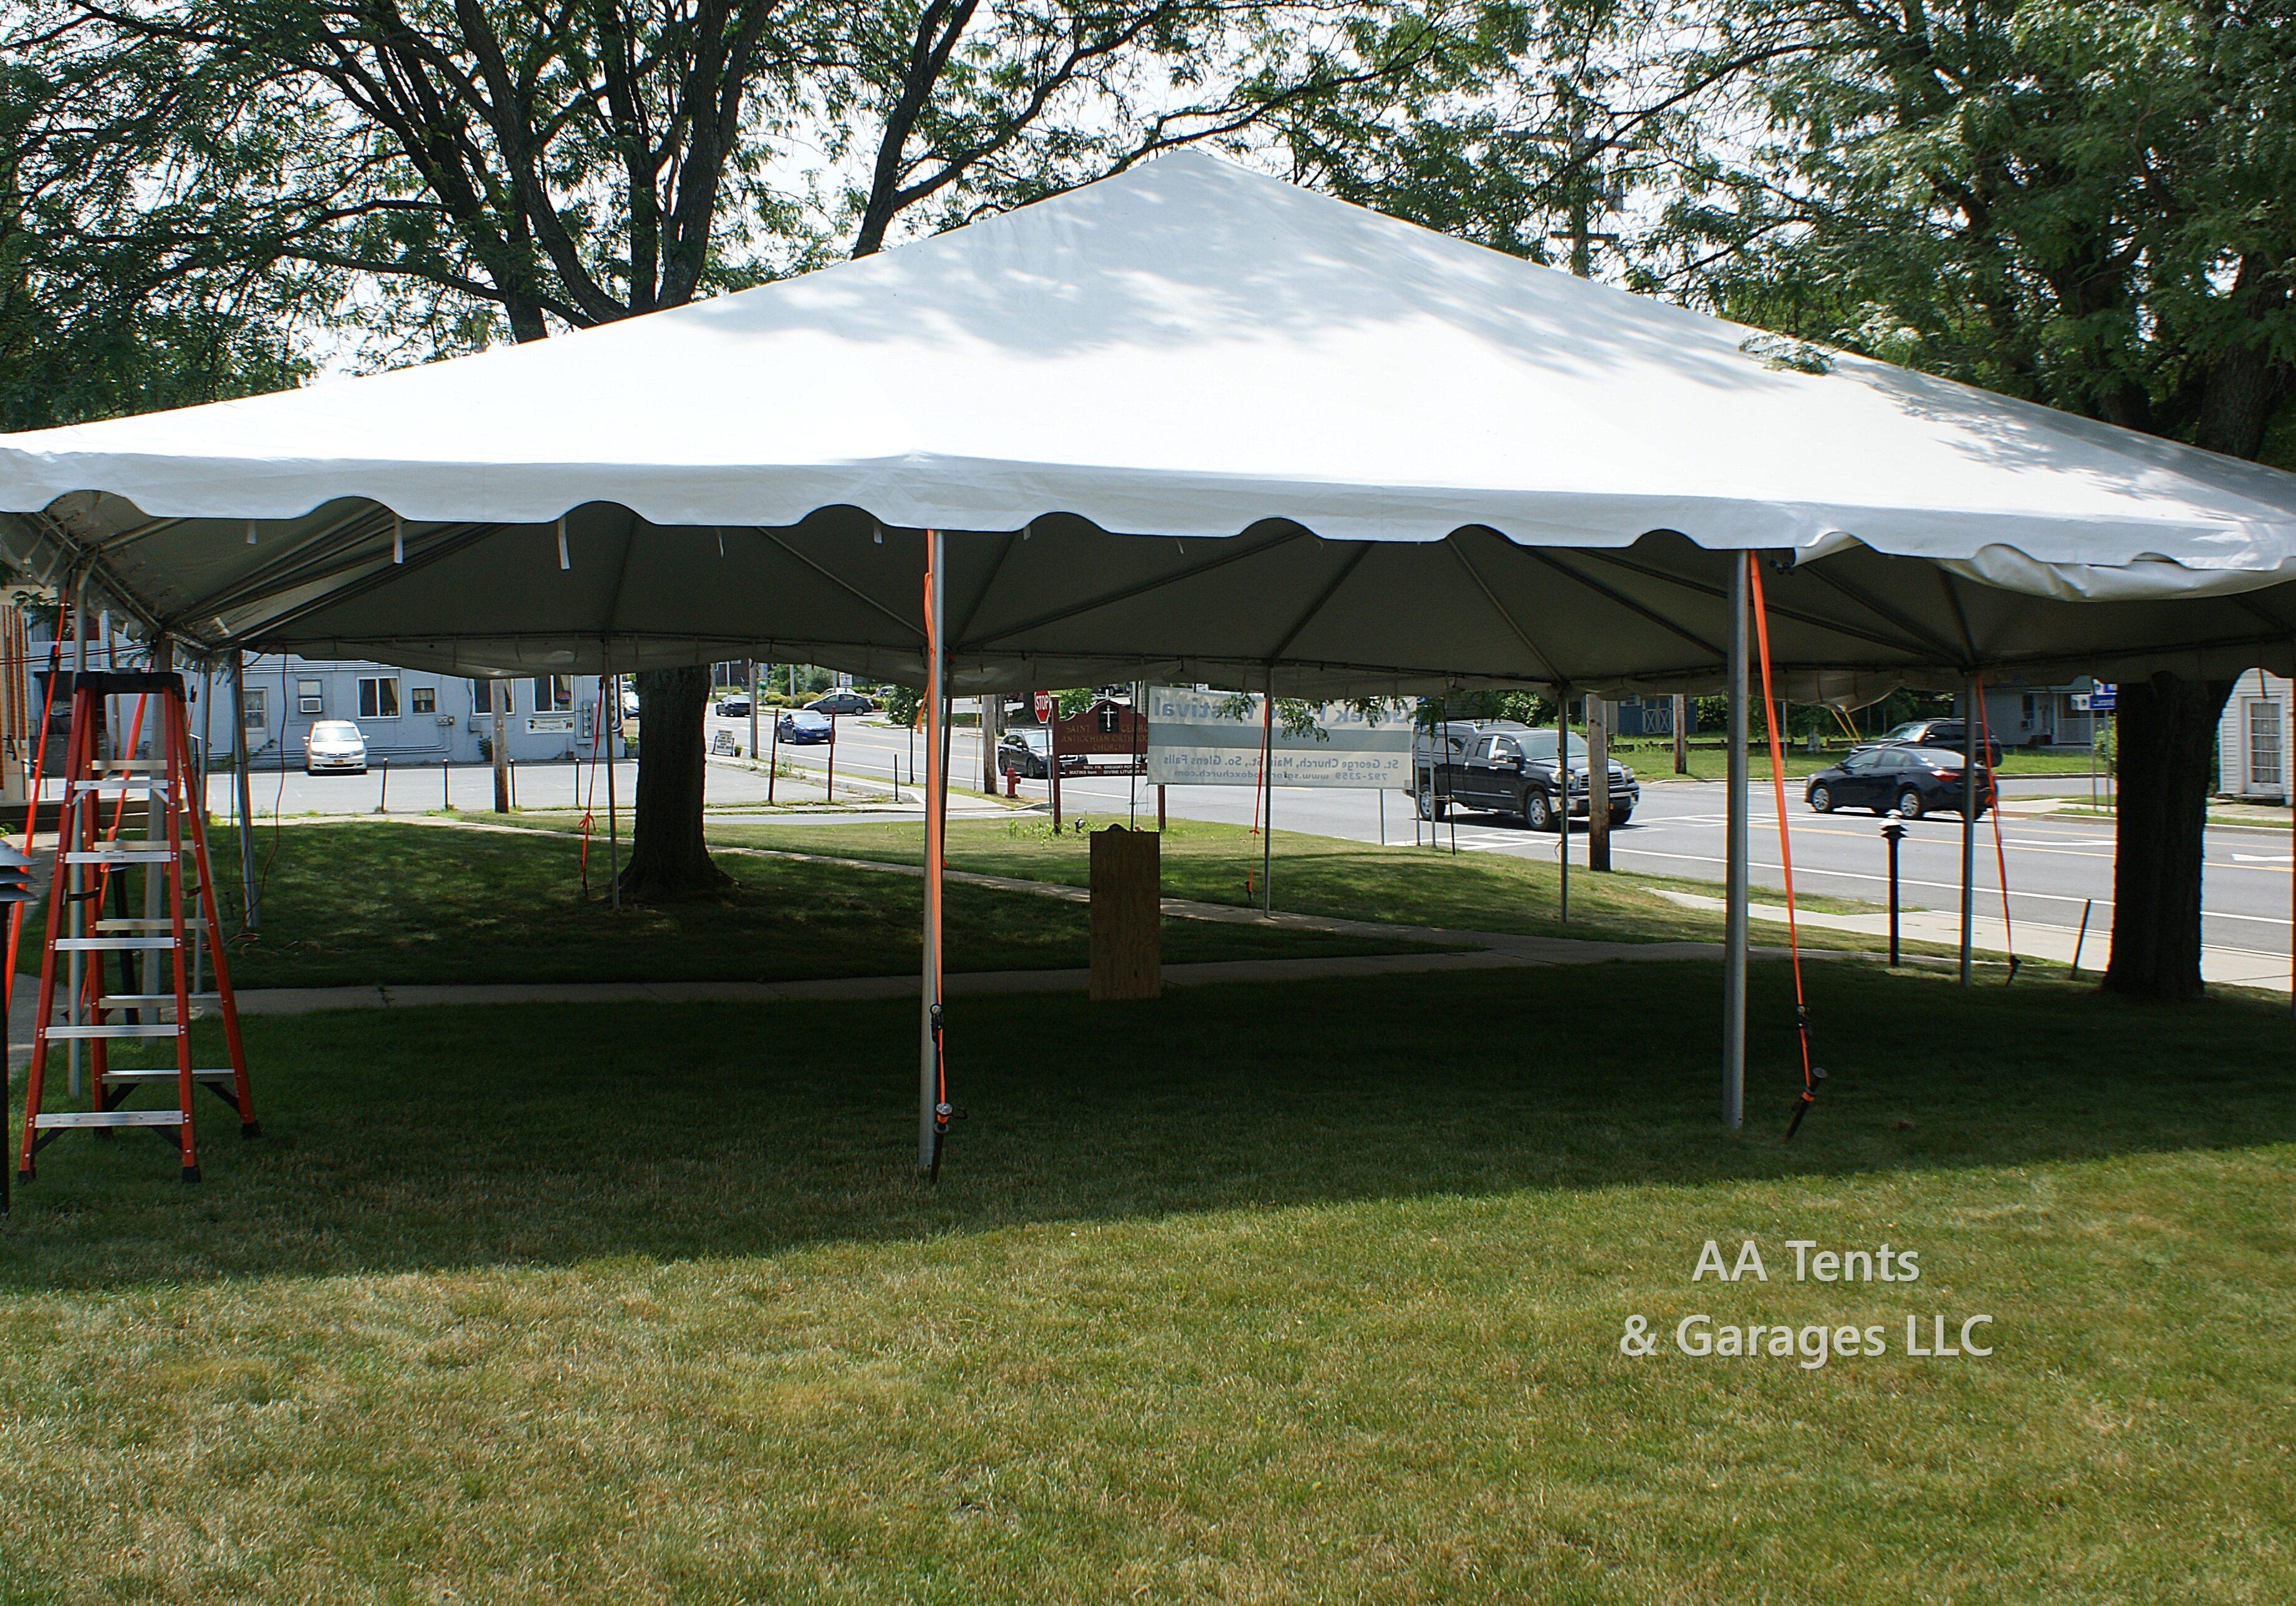 Greek Festival 40' x 40' Frame Tent